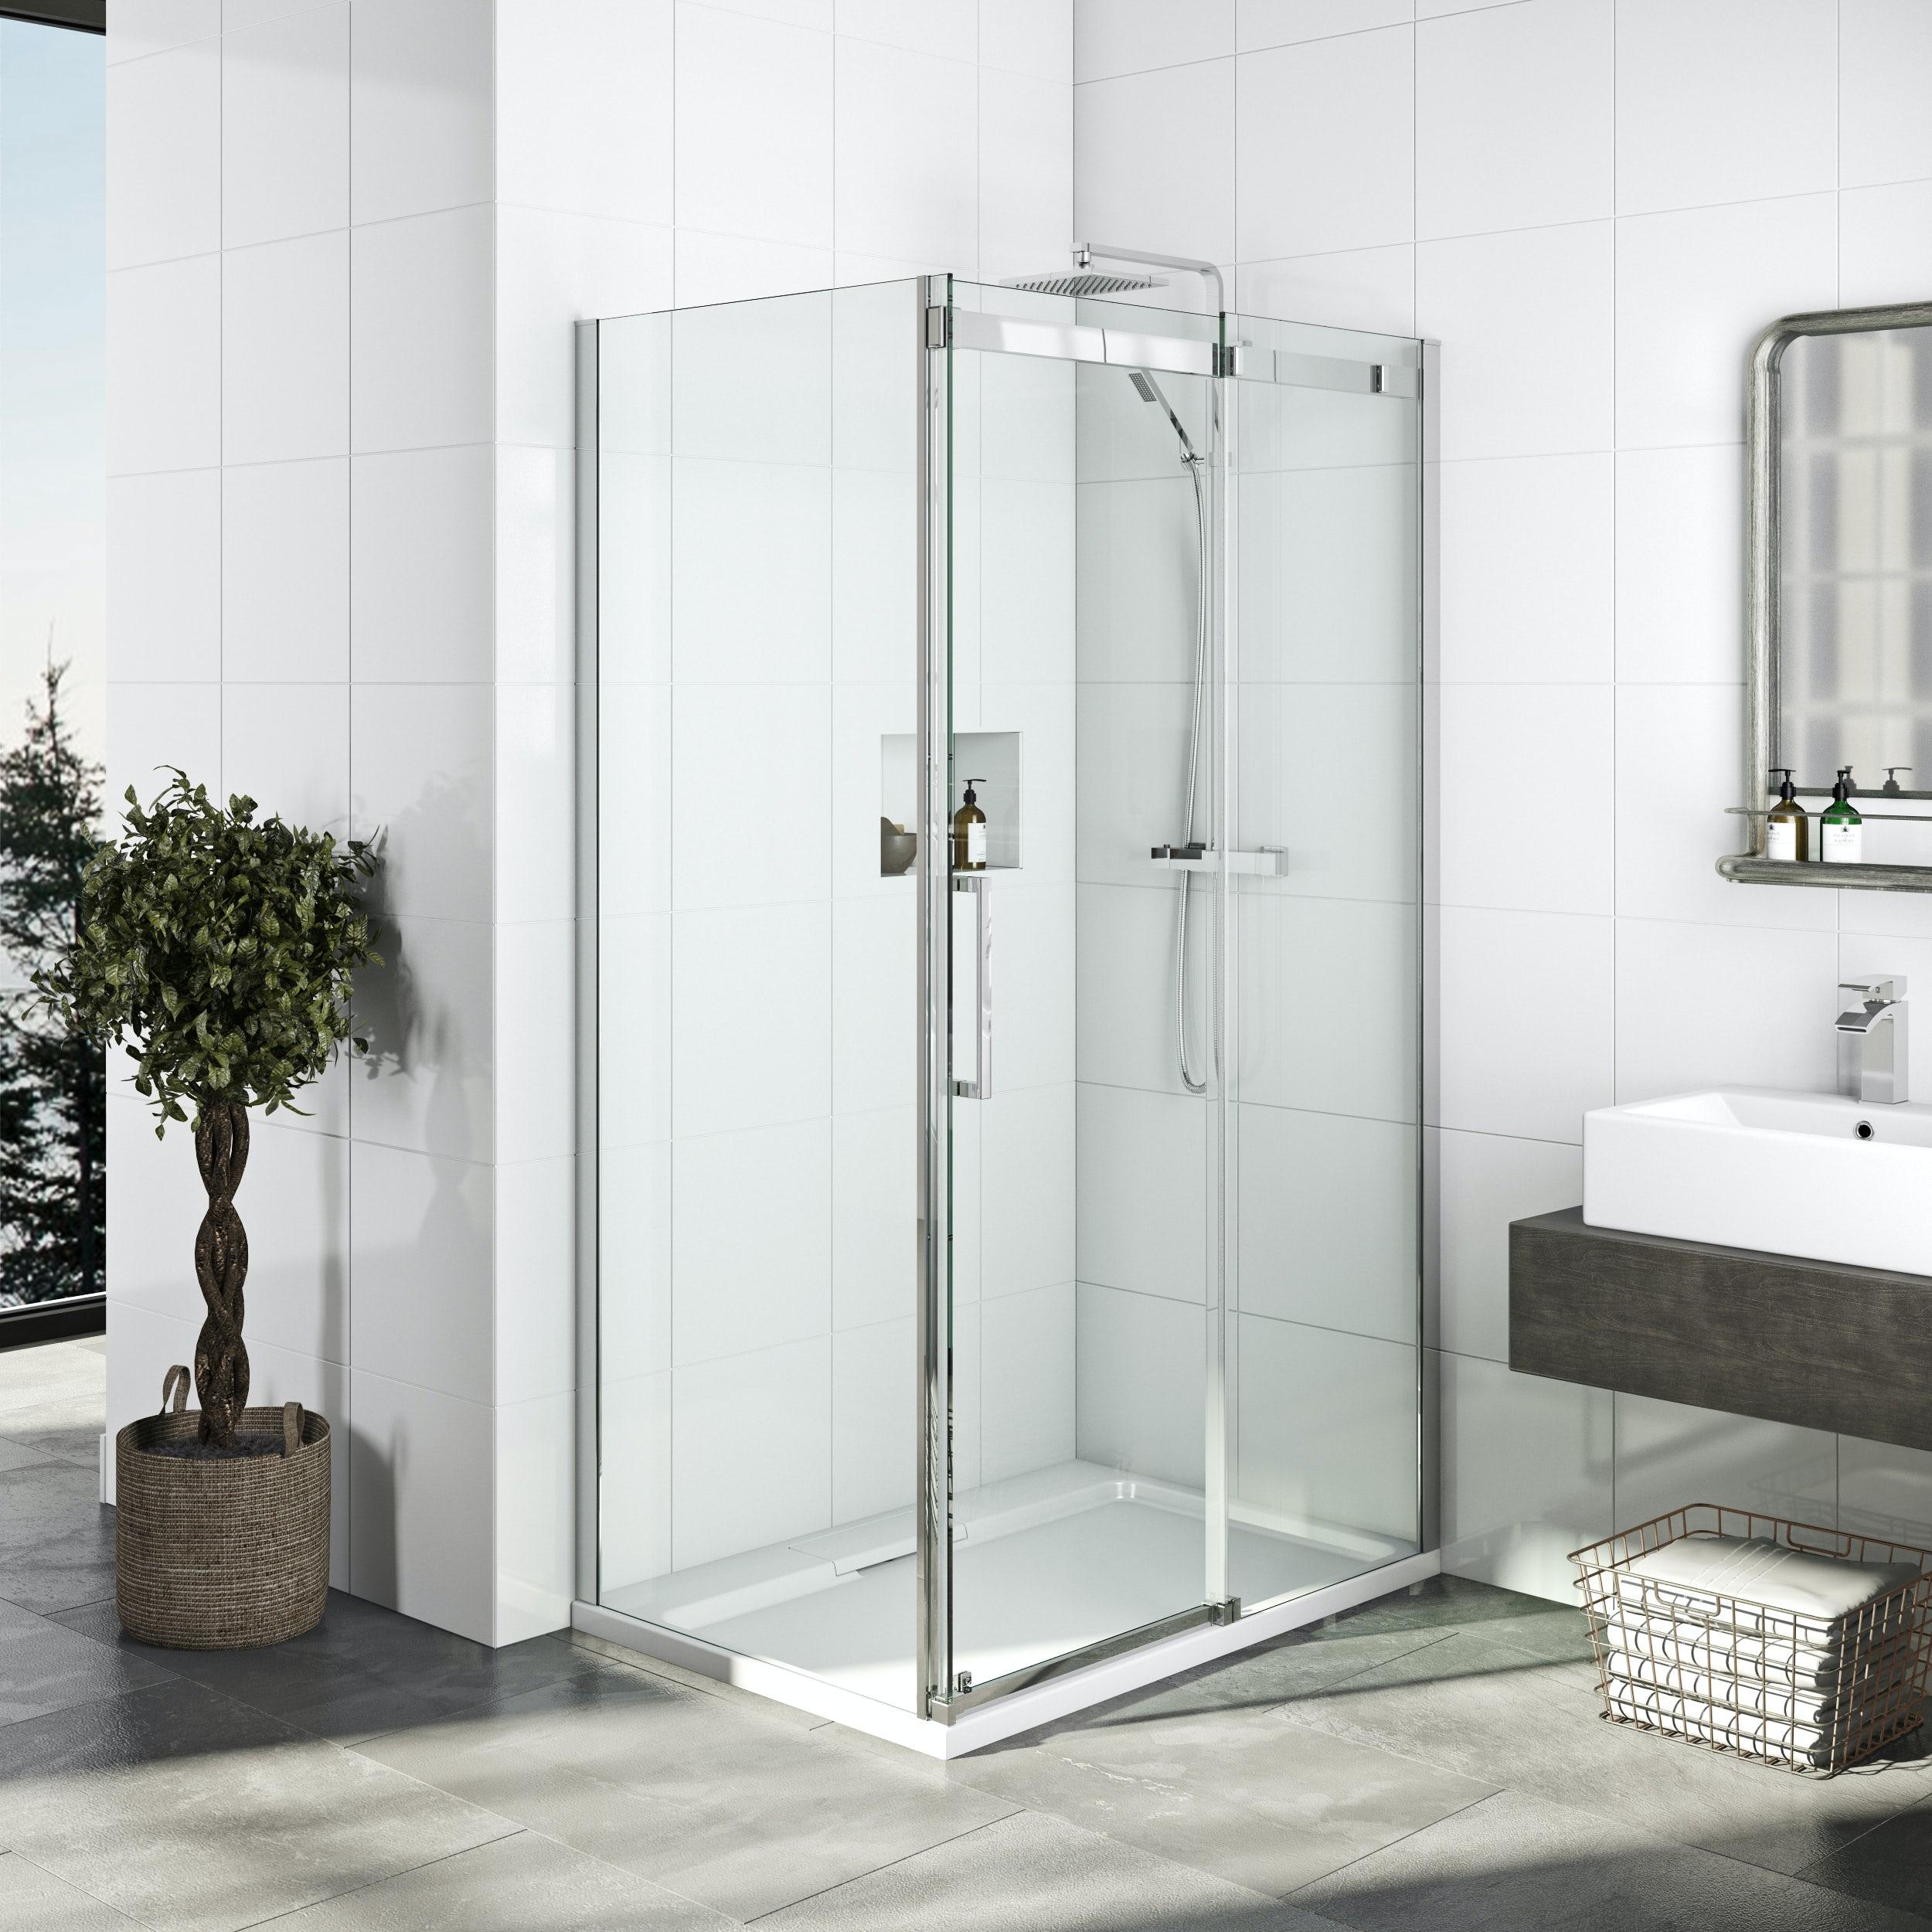 Elite 10mm Frameless Sliding Shower Enclosure